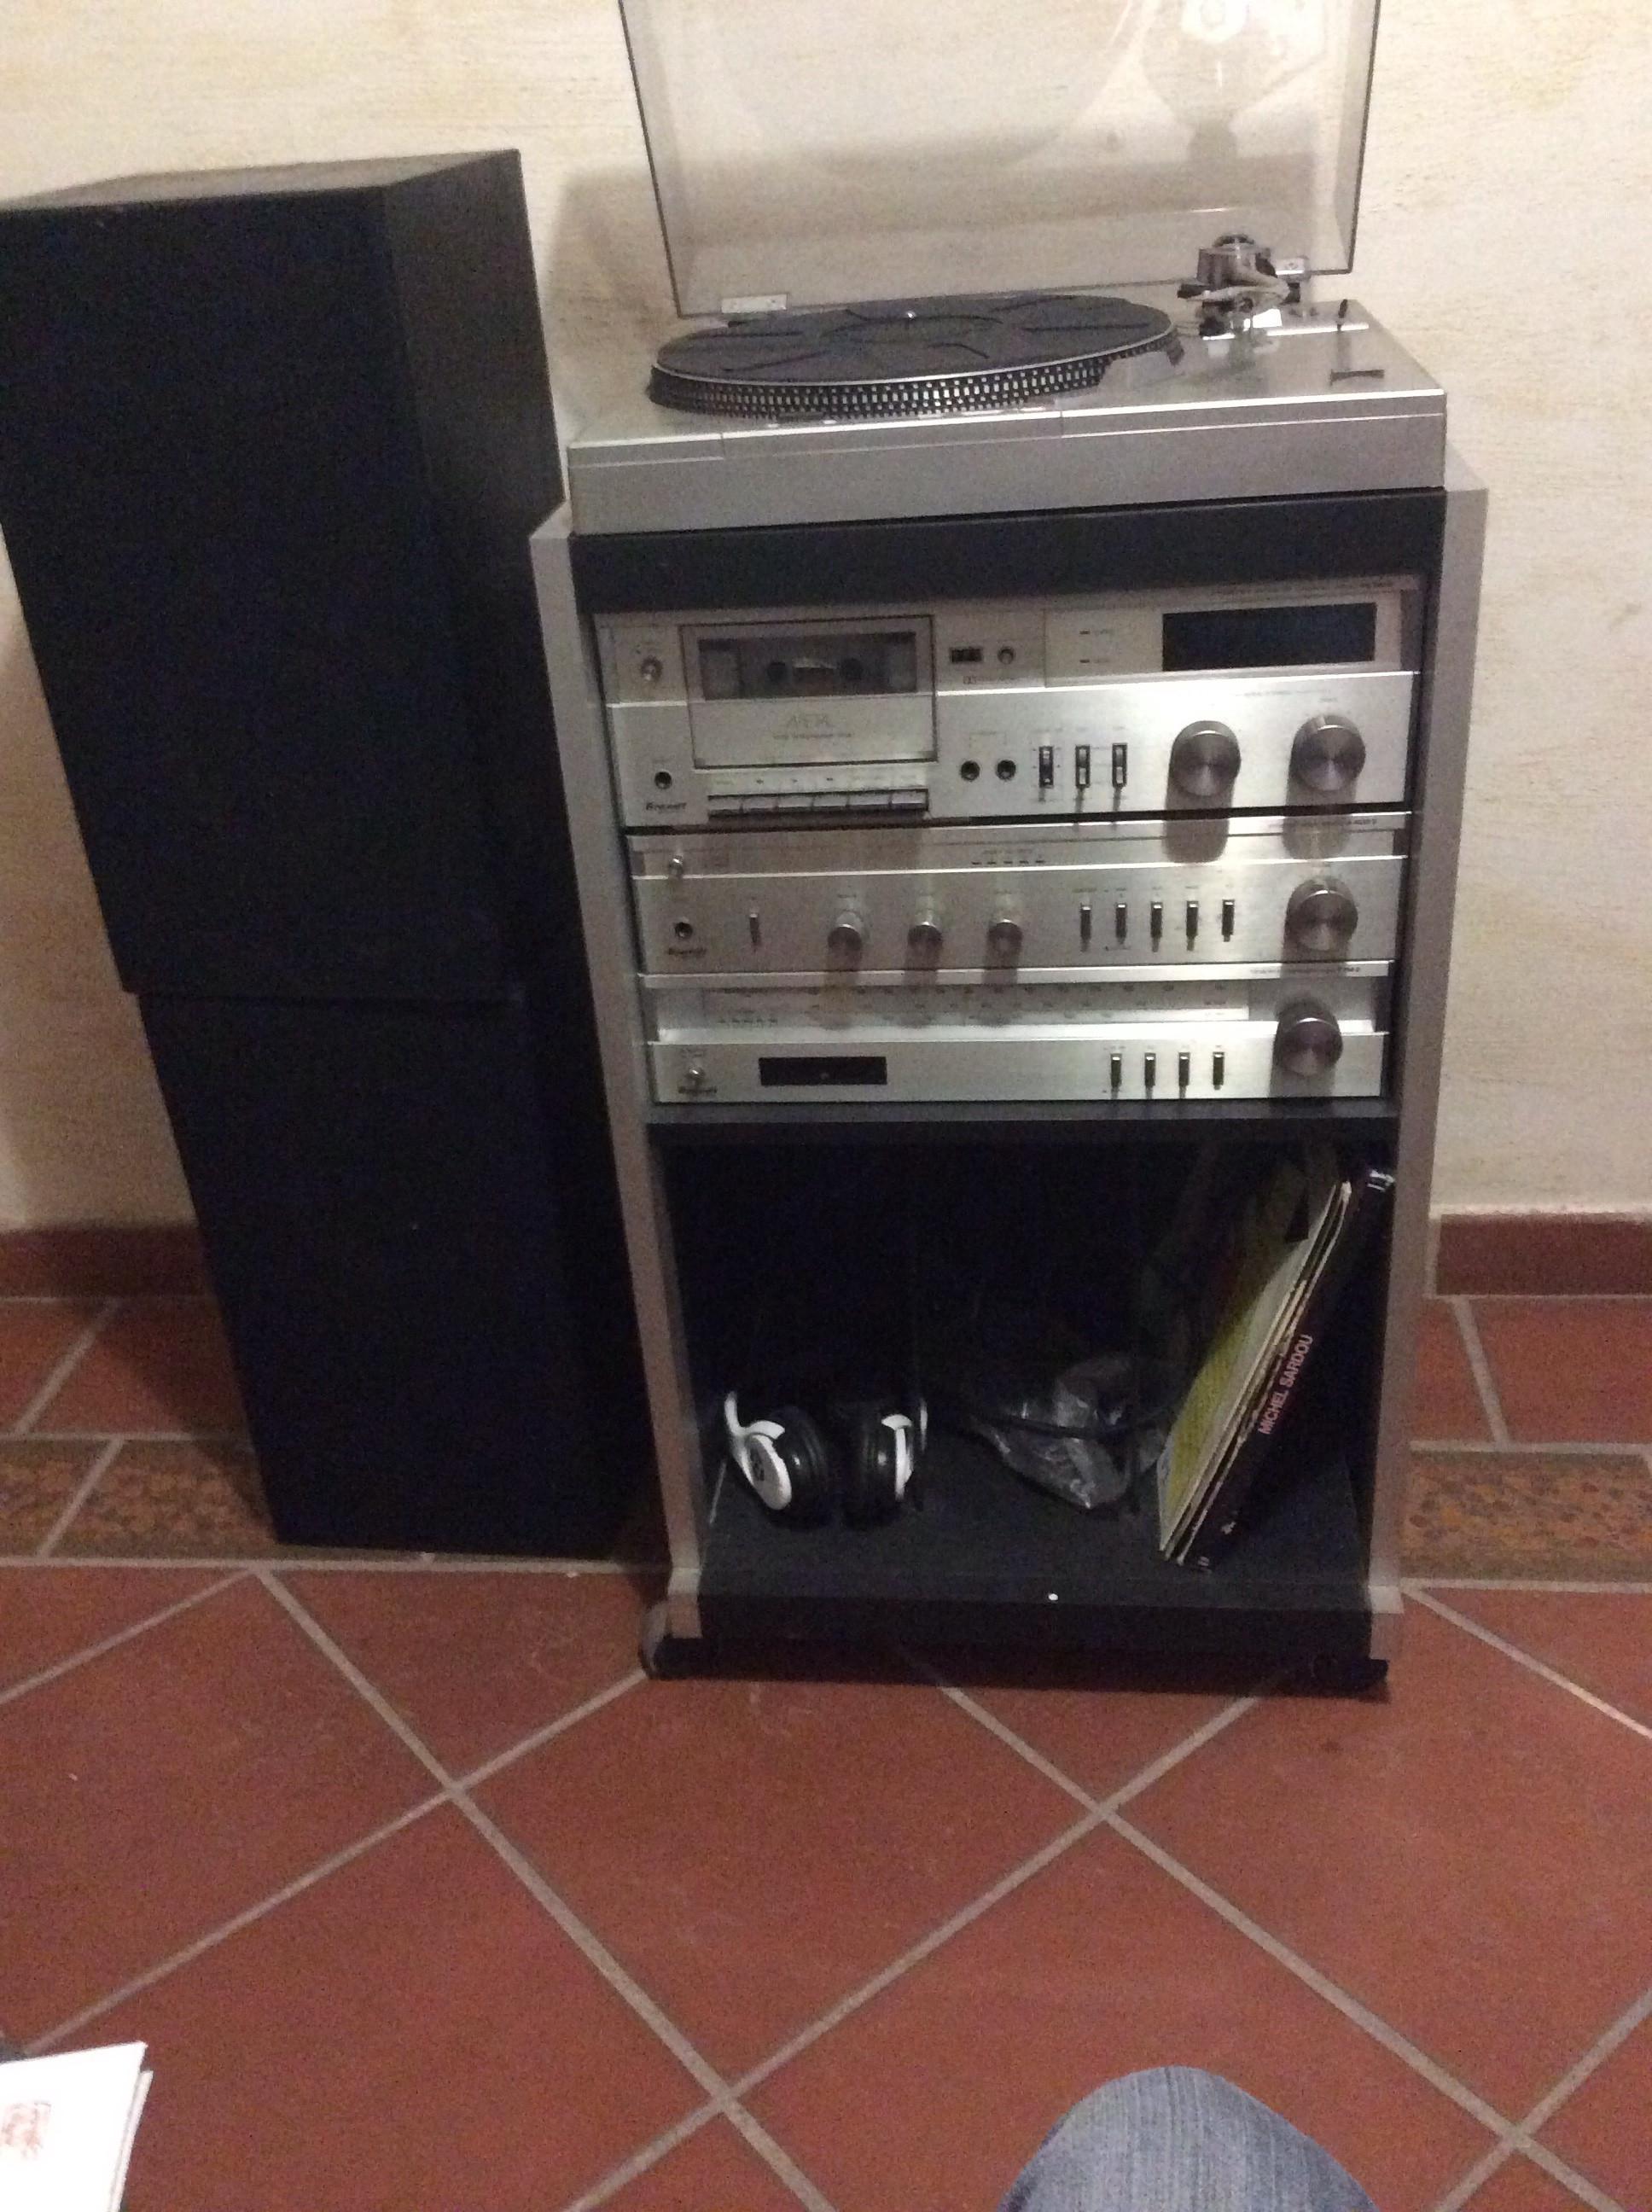 Chaine Hi Fi Radiola Electronique Vintage Les Vieilles Choses